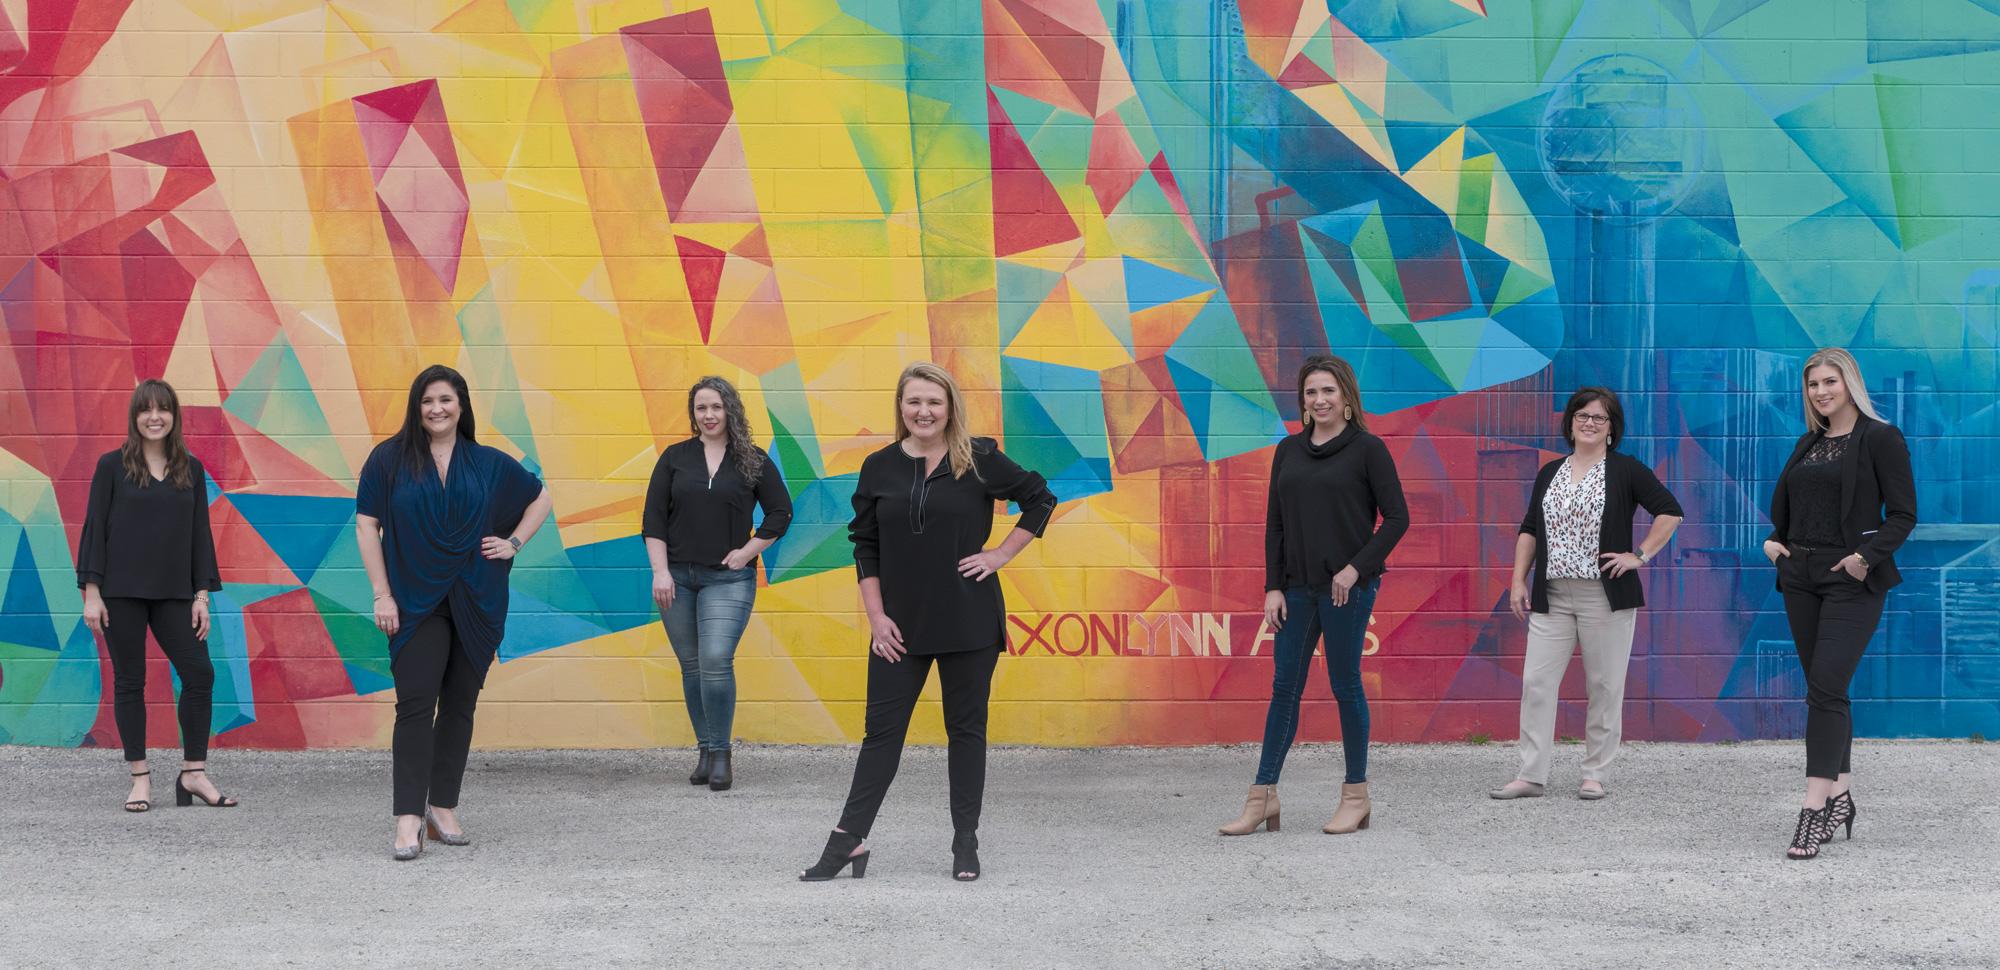 DMA Solutions' Management Team (from left to right) Jessica Schneider, Megan Zweig, Leslie Loris, Dan'l Mackey Almy, Marissa Baurys, Marci Allen, and Mackenzie Wortham